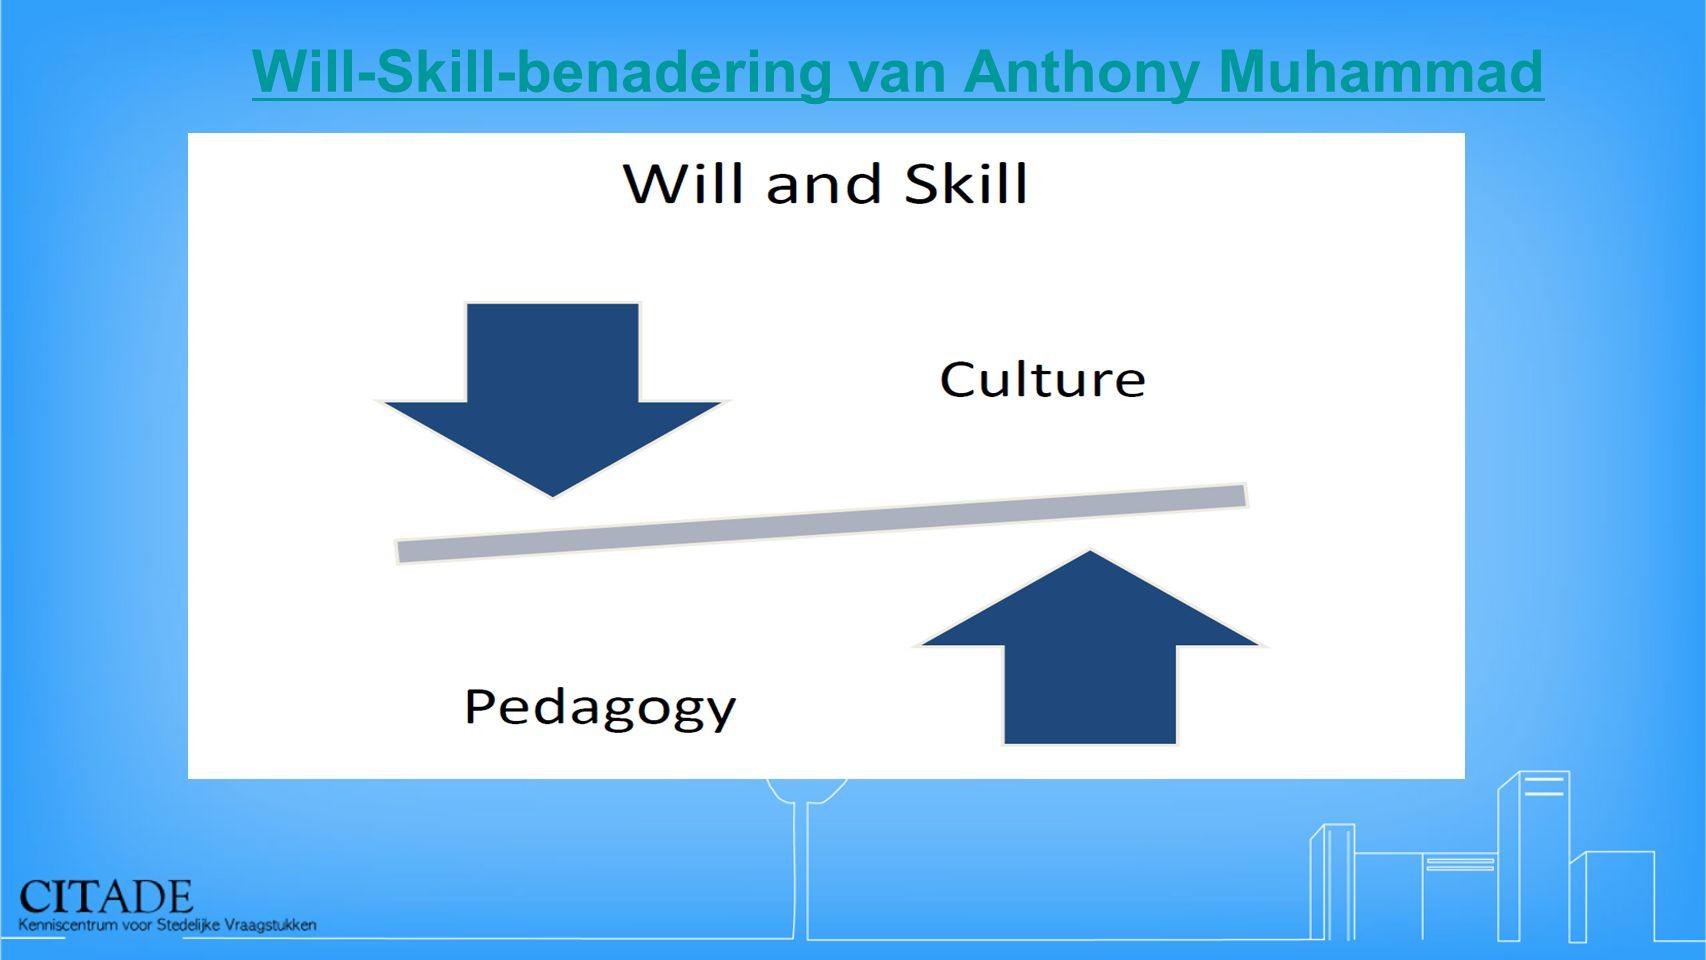 Will-Skill-benadering van Anthony Muhammad